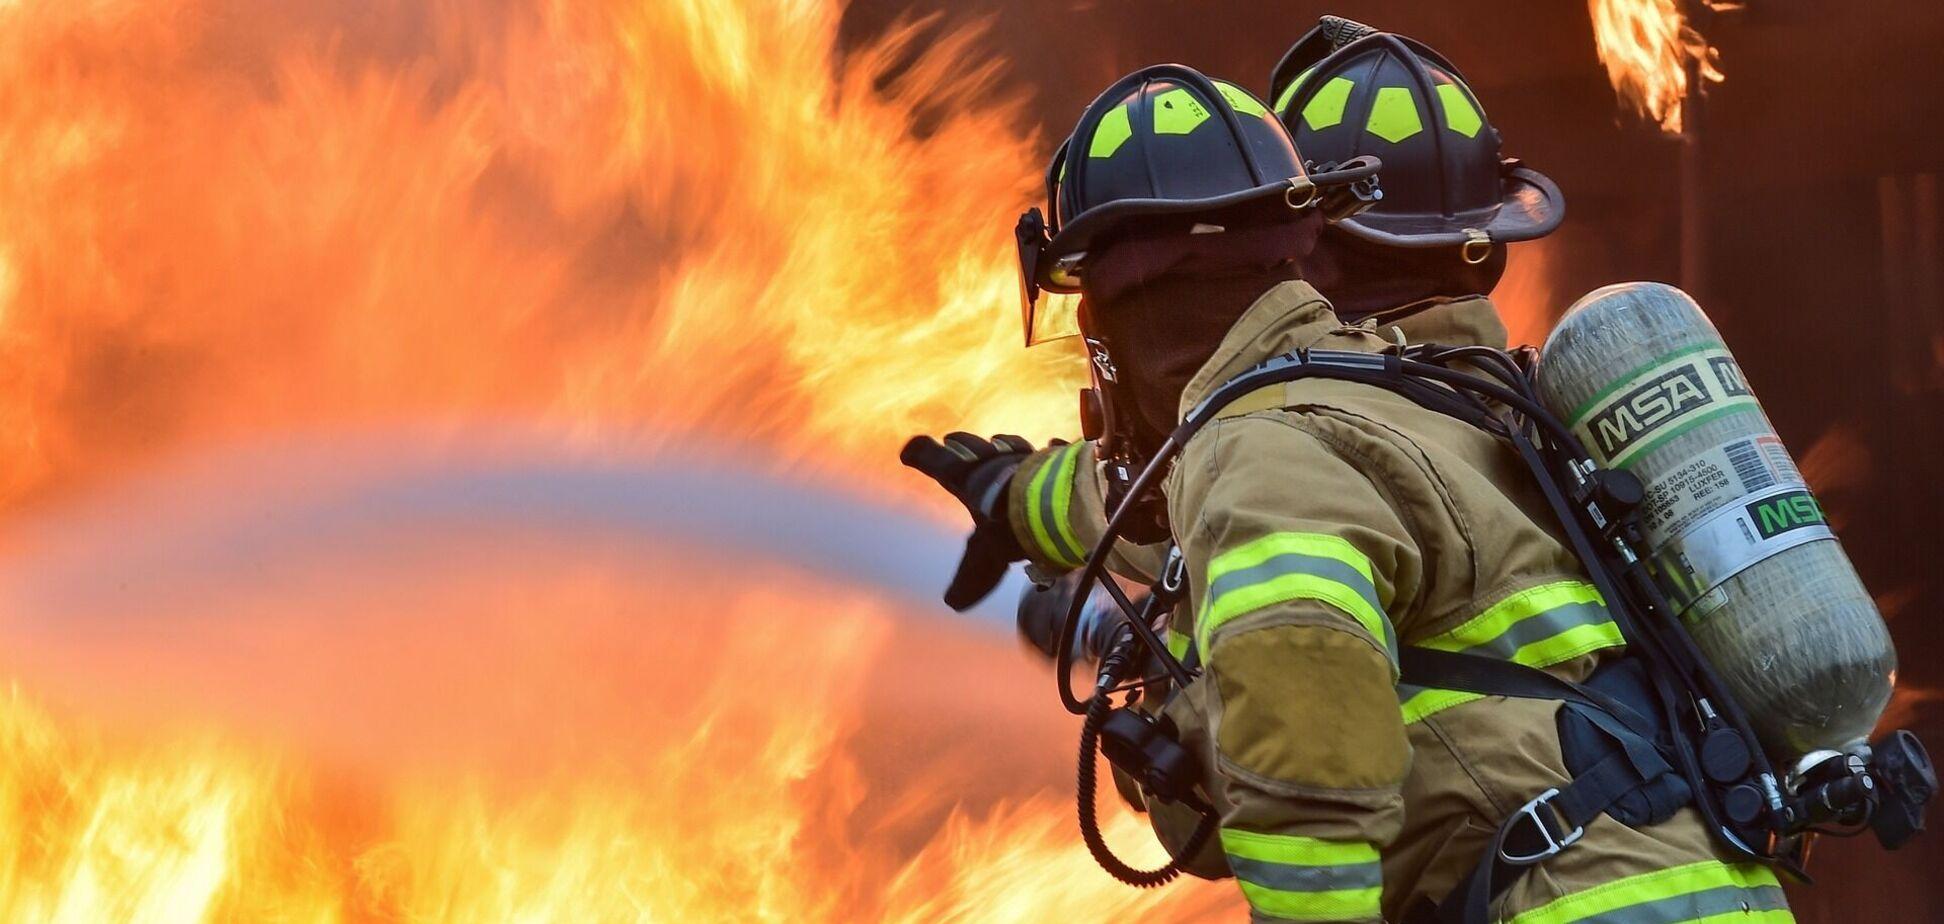 На Дніпропетровщині жінка загинула під час пожежі у власному будинку. Фото з місця НП